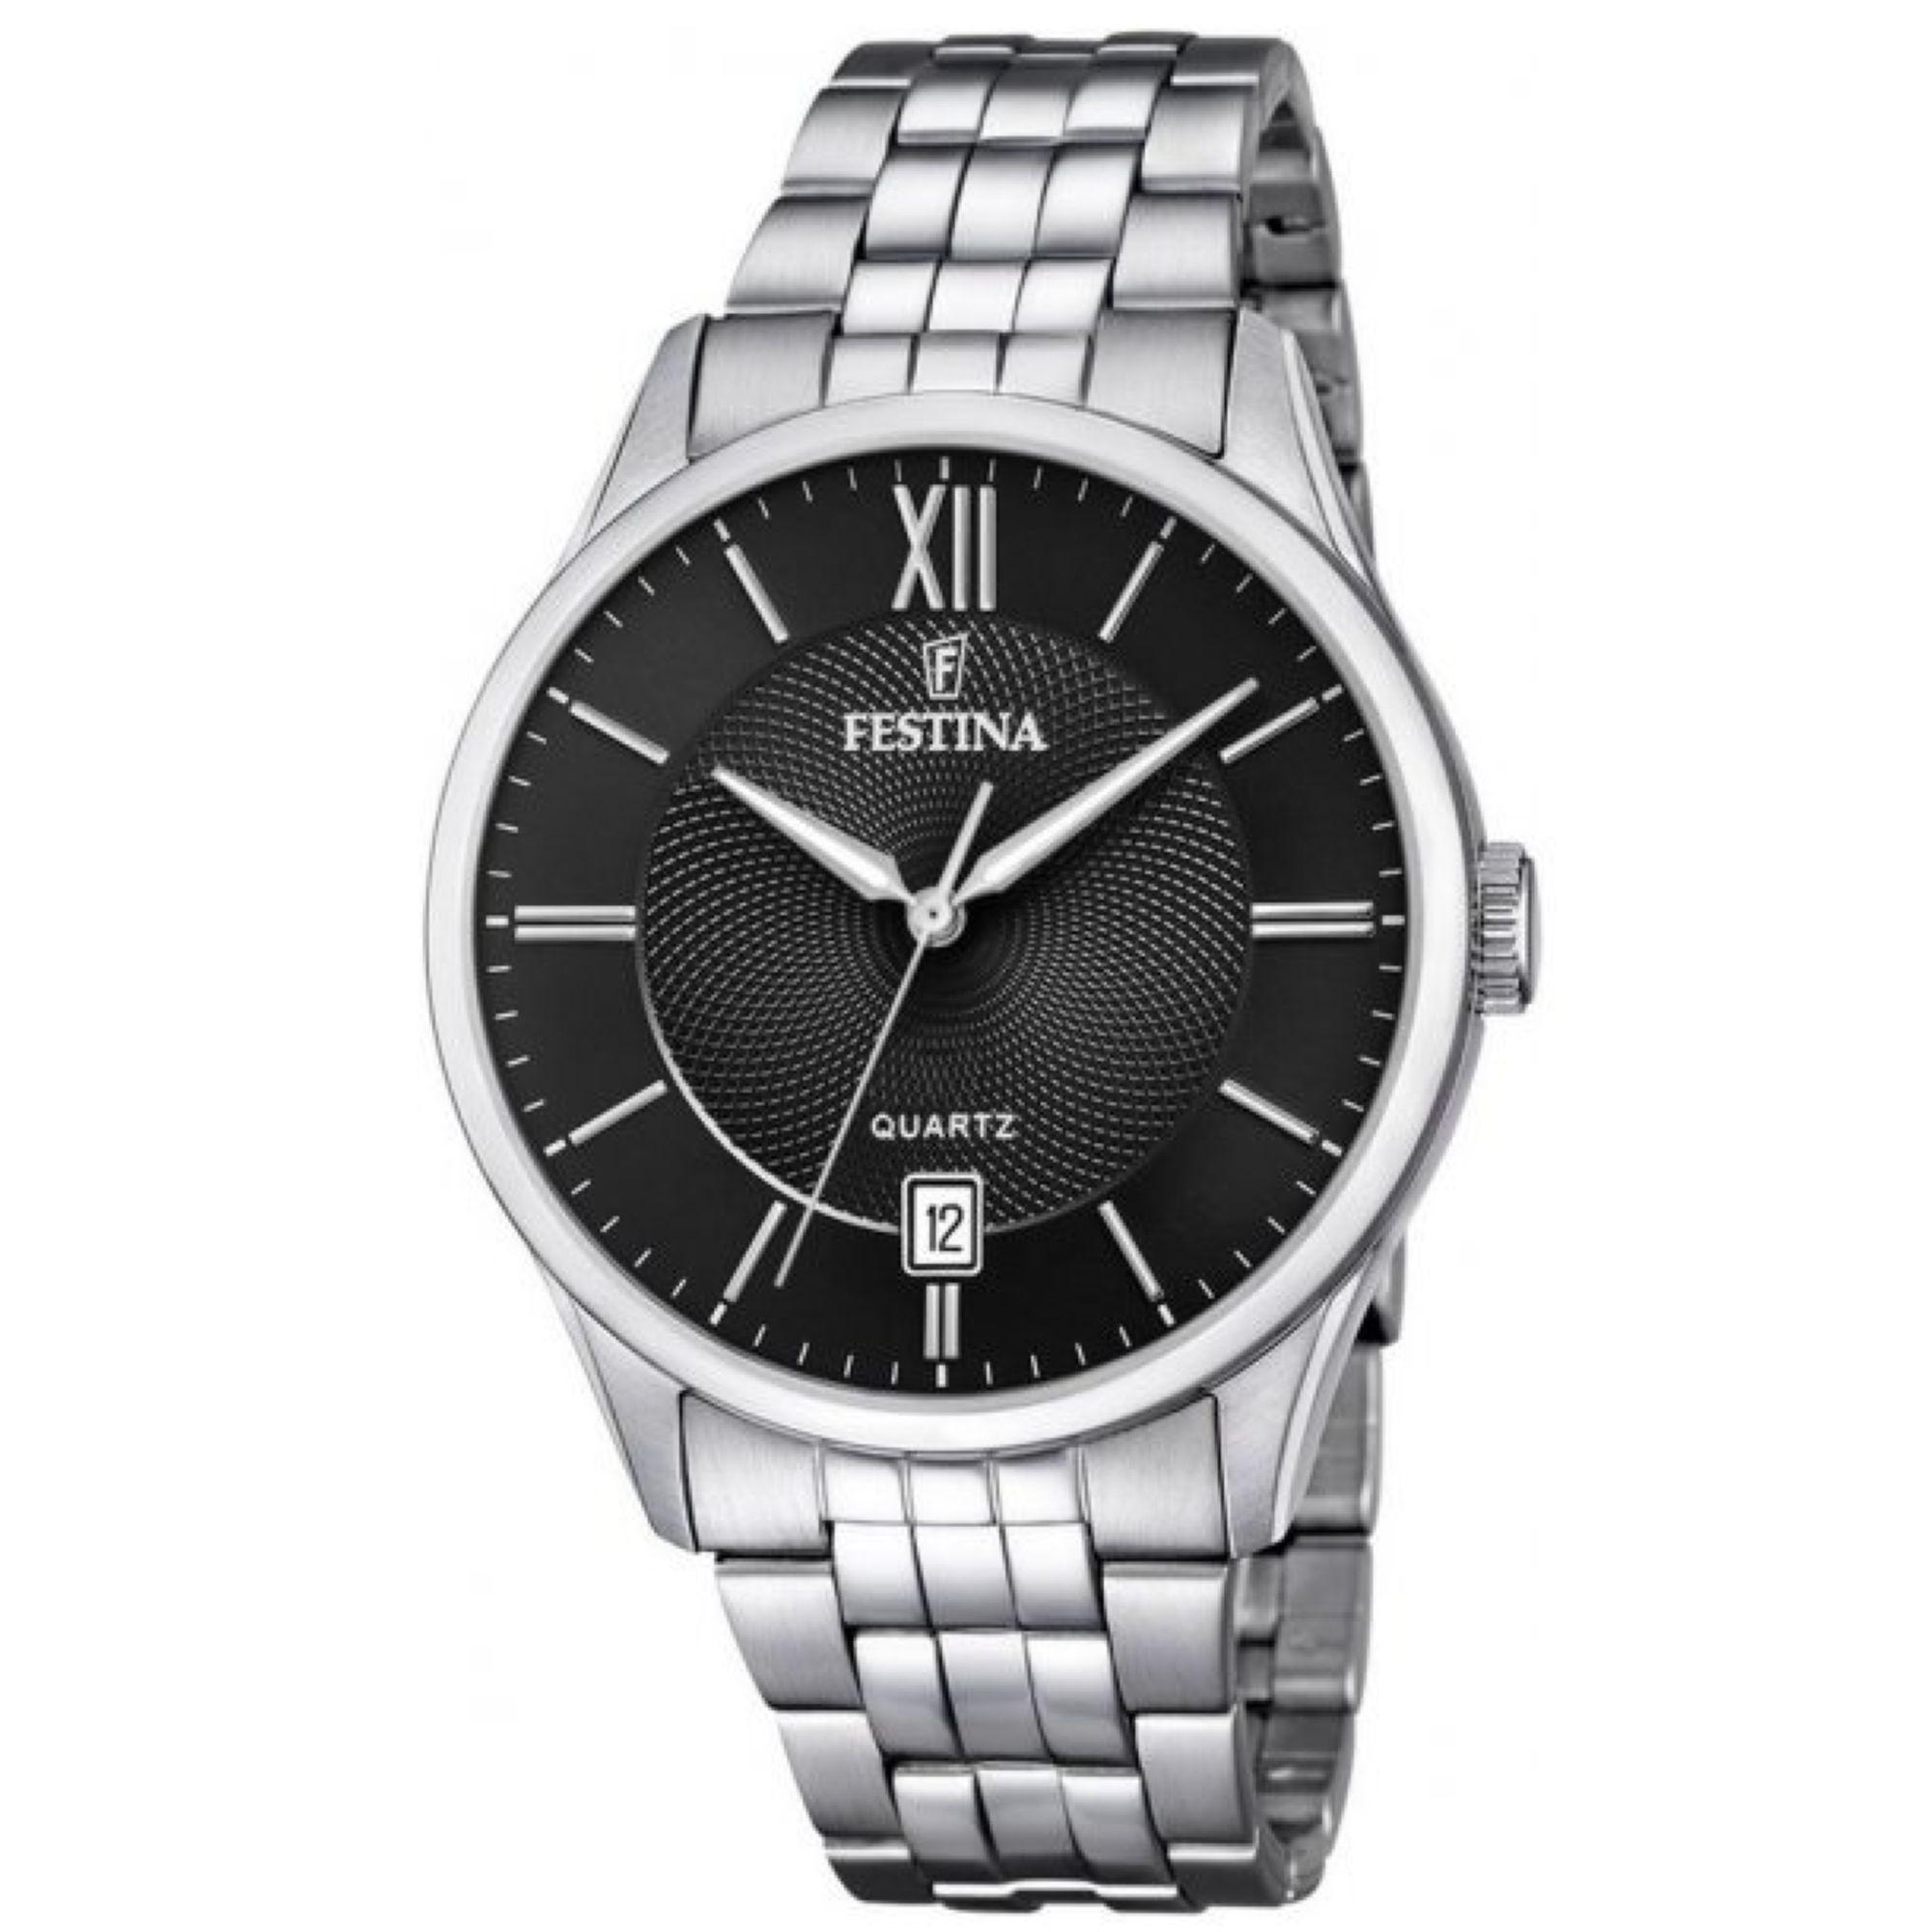 Ρολόι Festina με Μαύρο Καντράν F20425/3